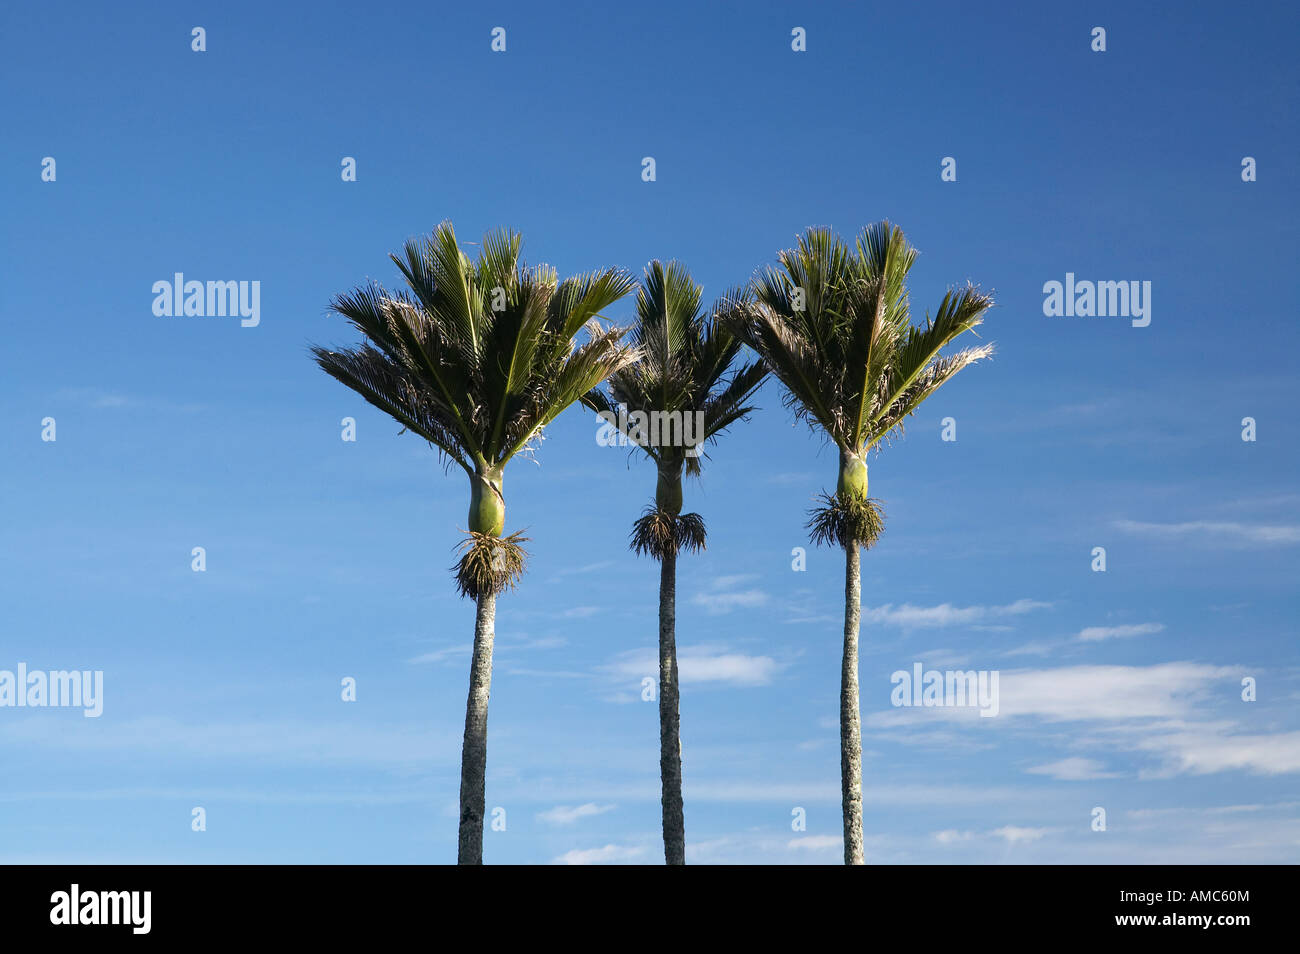 Nikau-Palmen in der Nähe von Punakaiki Westküste Südinsel Neuseeland Stockbild